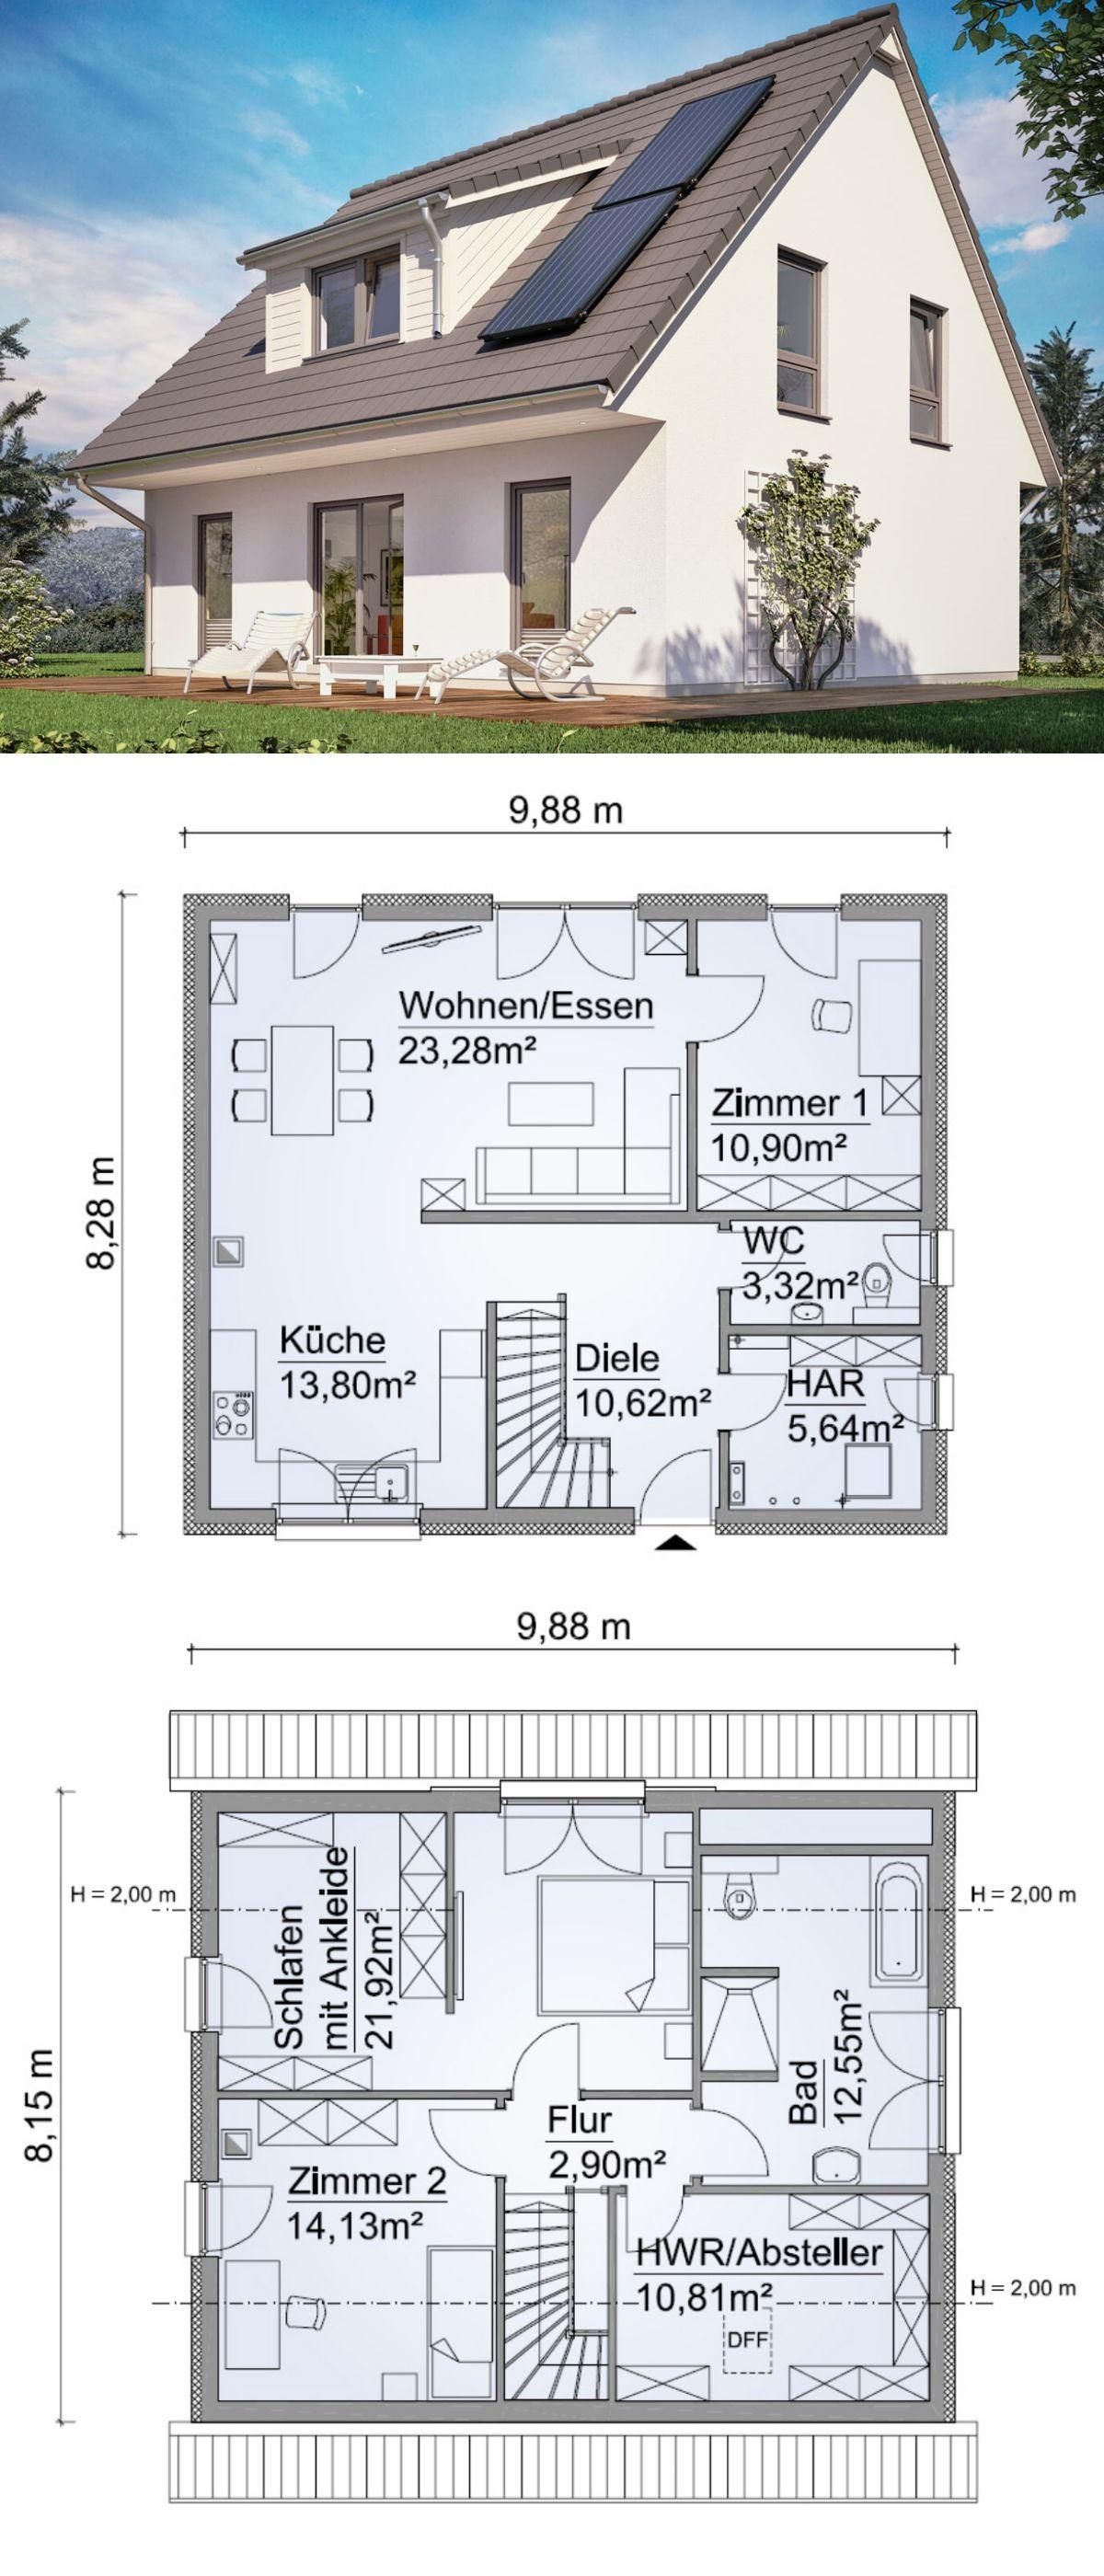 Klassisches Einfamilienhaus Grundriss 130 Qm Mit Satteldach